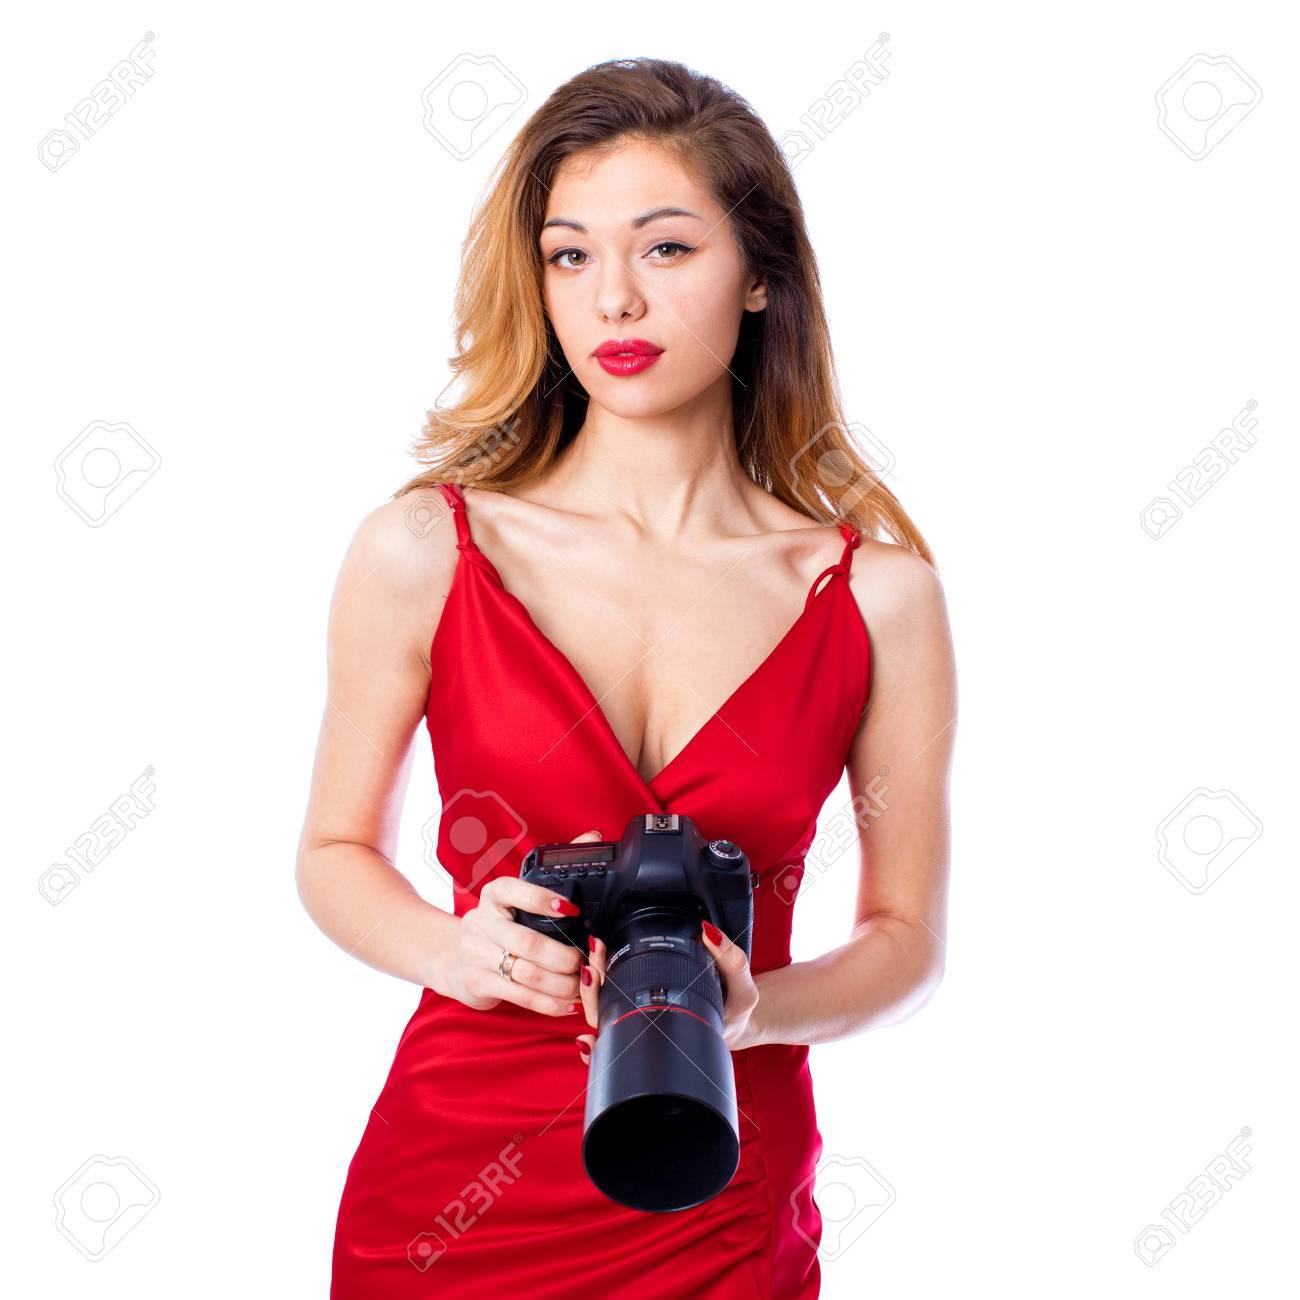 Bonne Blond Photographe Femme Camera Tenue De Robe Rouge Sexy Isole Sur Fond Blanc Banque D Images Et Photos Libres De Droits Image 74266423